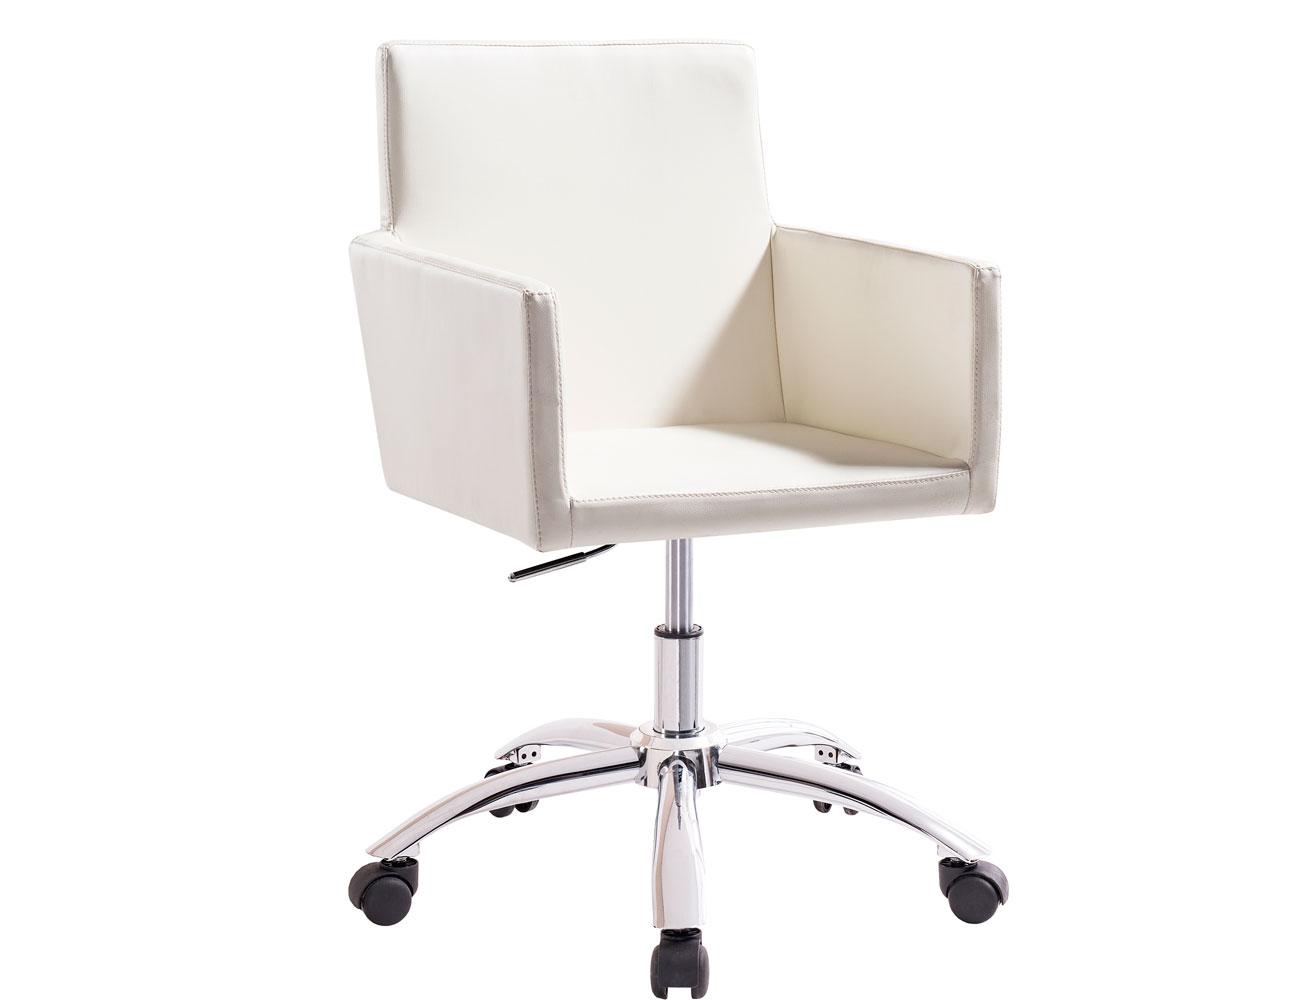 Sillon oficina despacho regulable altura ruedas polipiel blanco